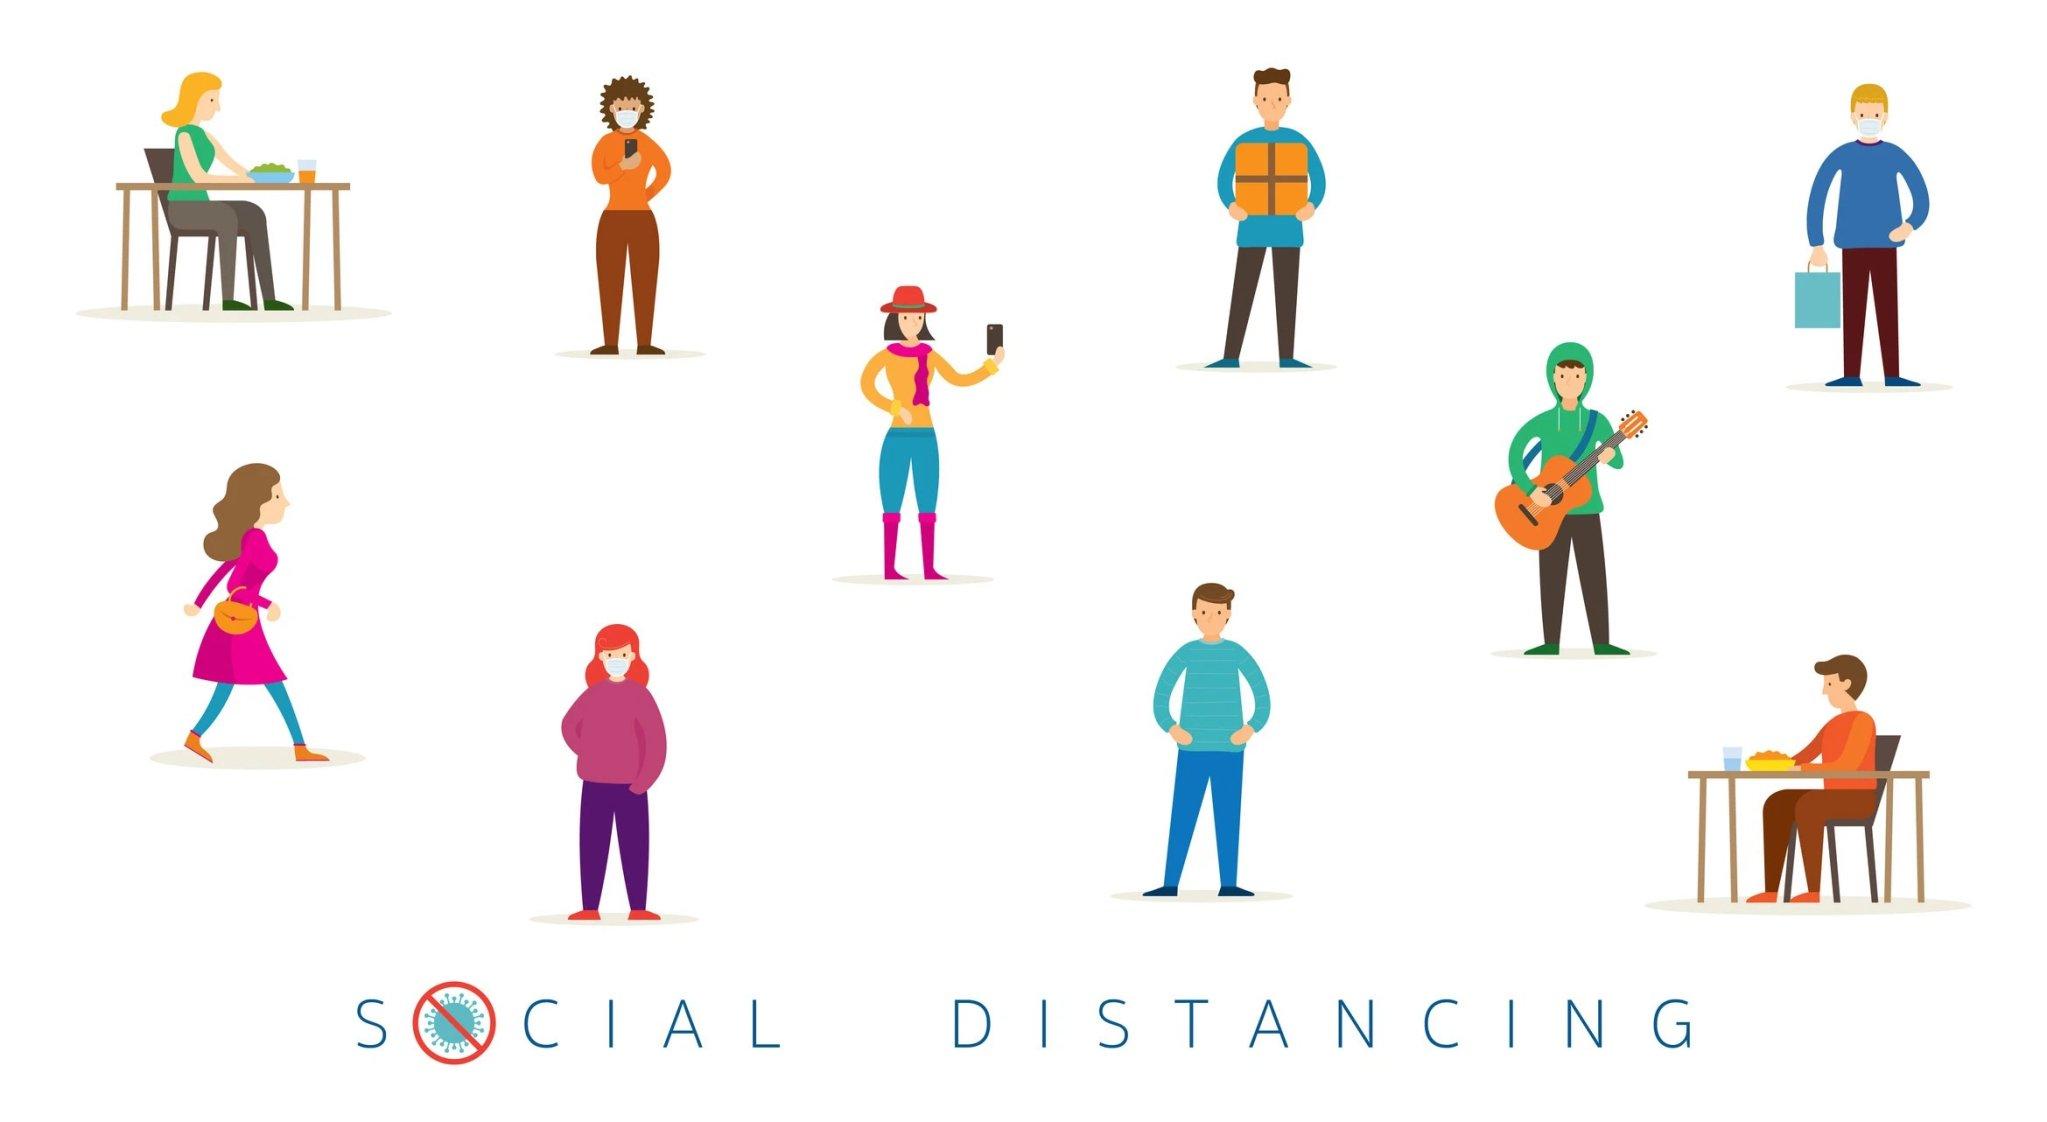 Social distancing la gi? Nen va khong nen lam gi khi thuc hien cach ly xa hoi